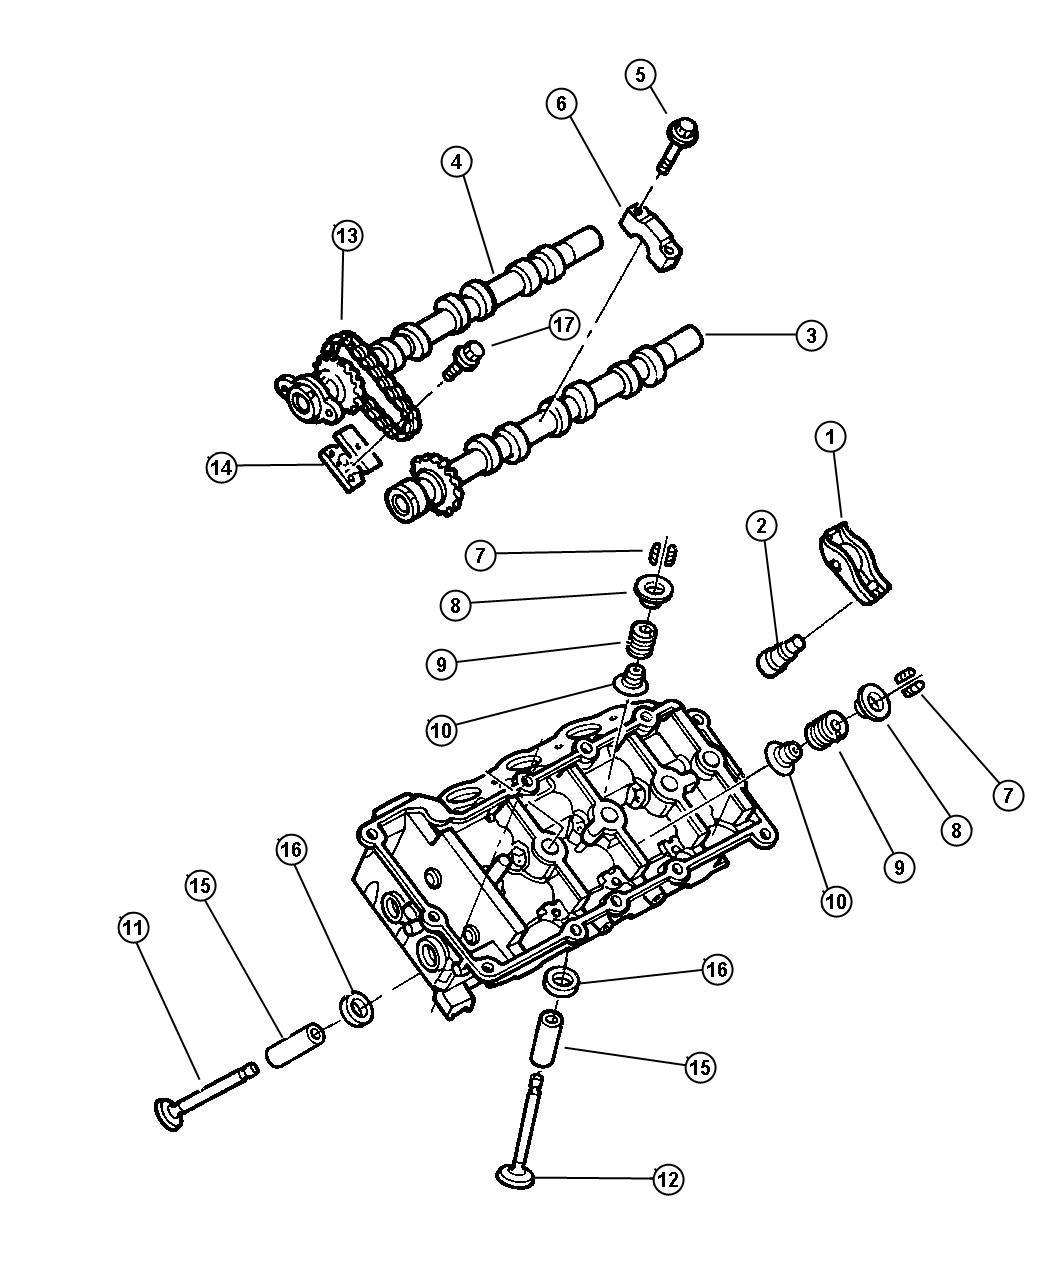 Chrysler Concorde Camshaft And Valves 2.7L Engine